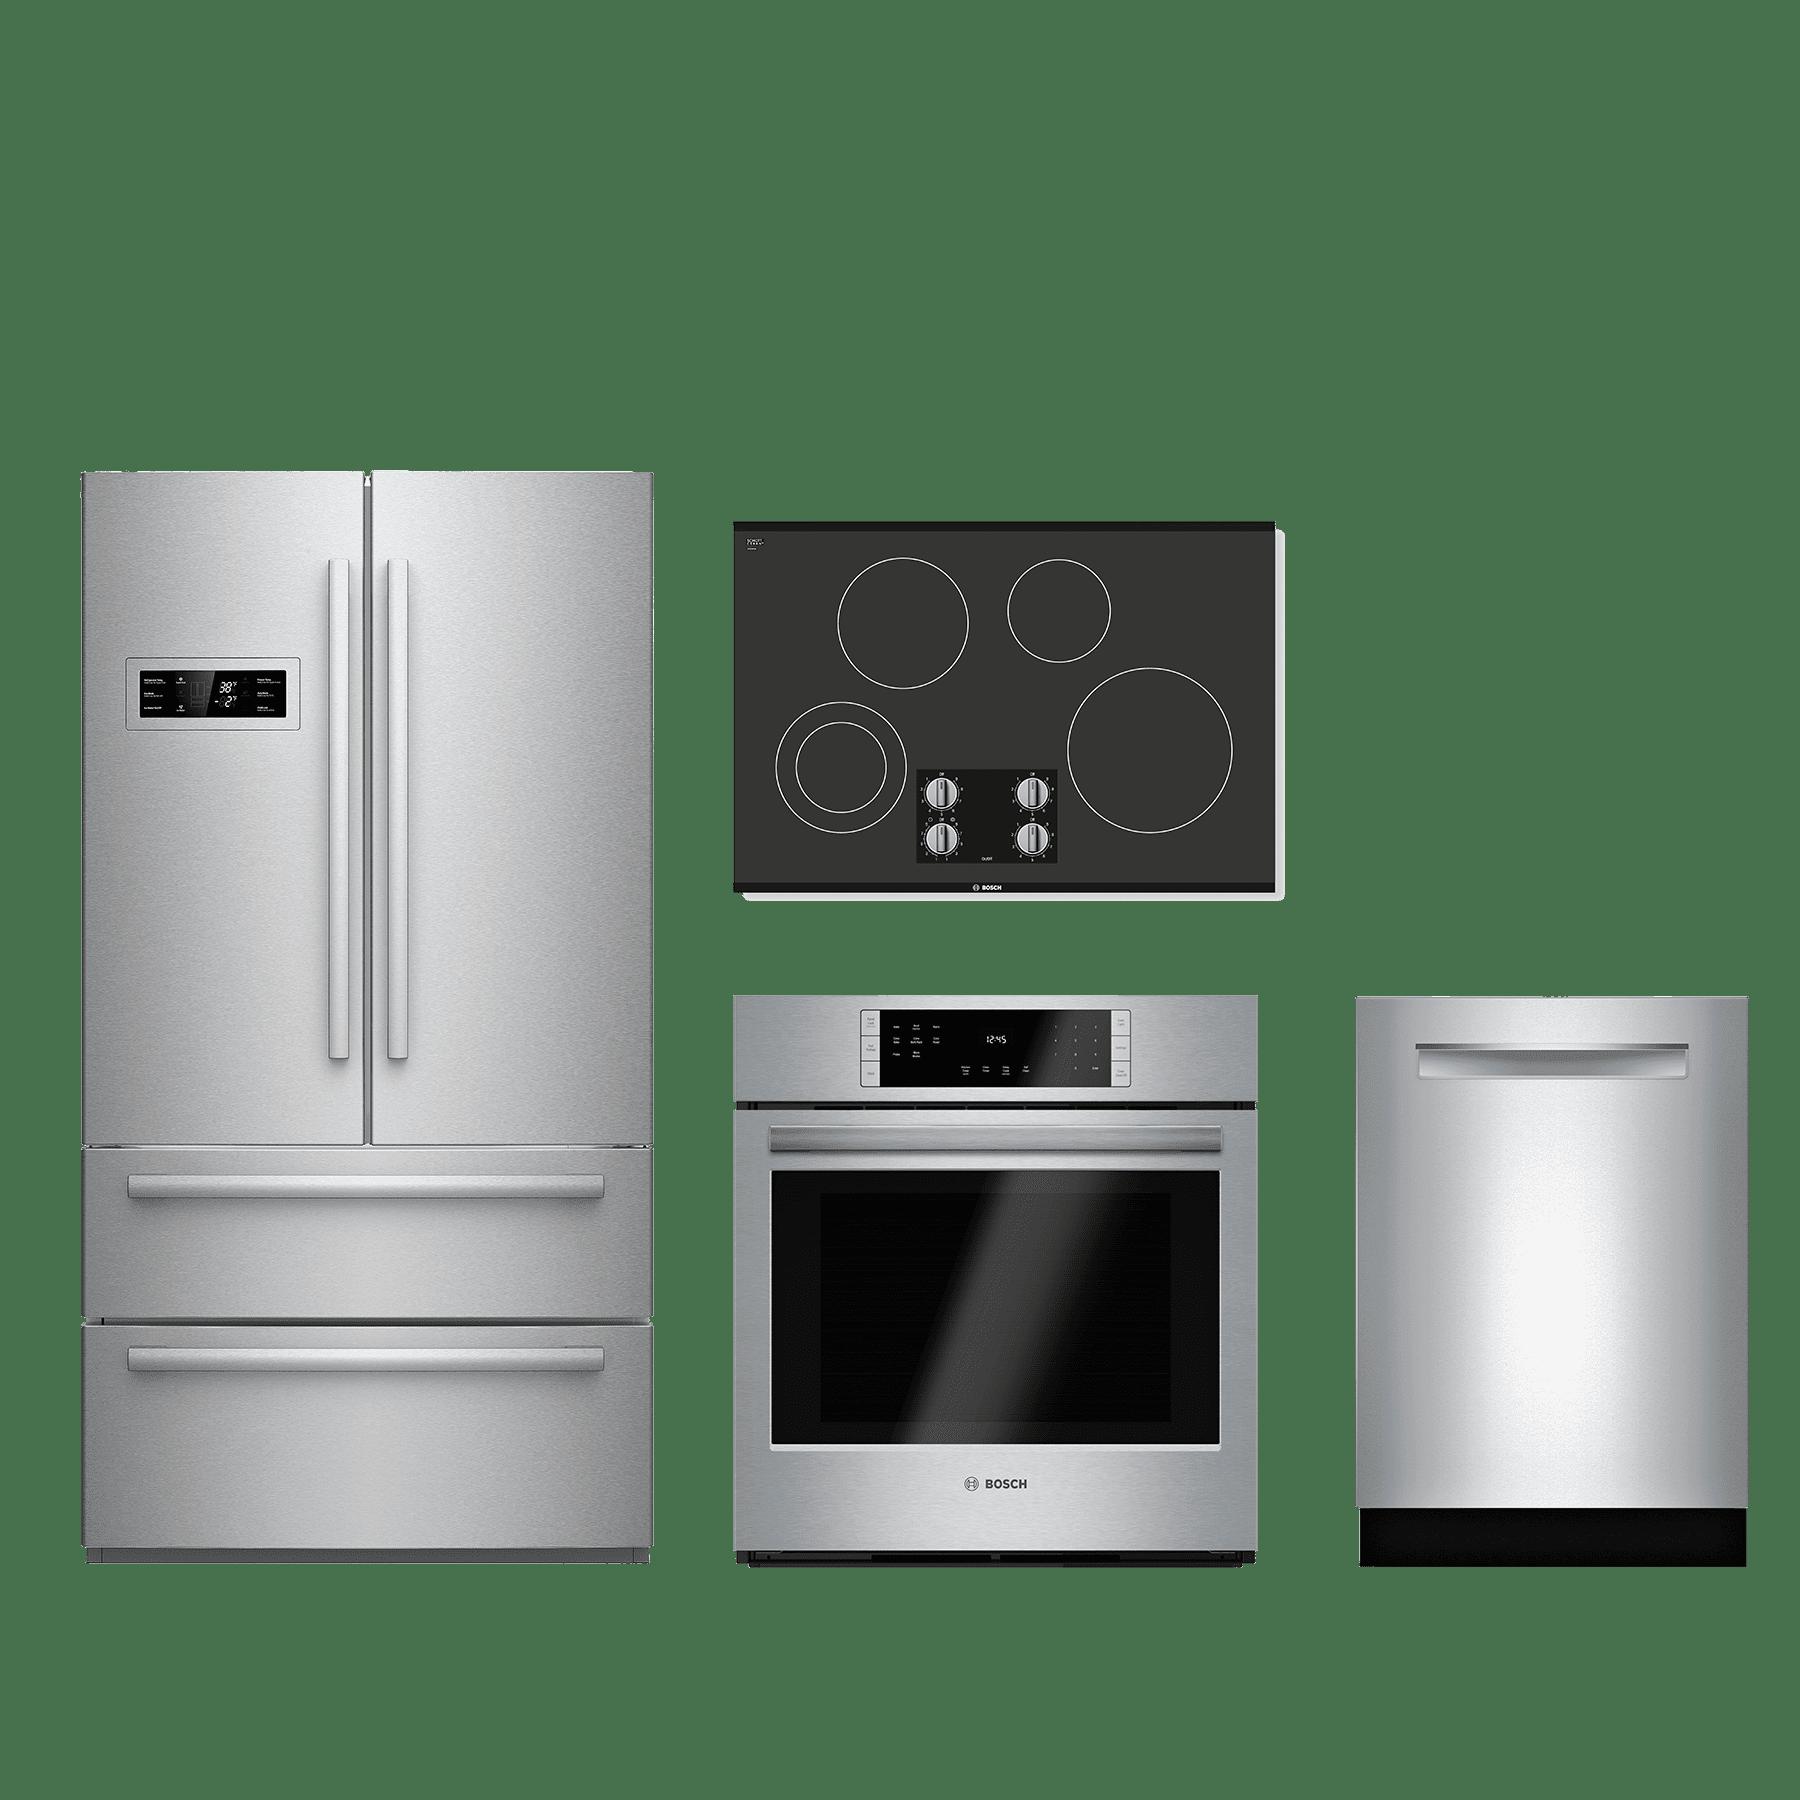 bosch 4 piece kitchen package stainless steel bokitnem5066uc kitchen appliance packages  rh   savmart net